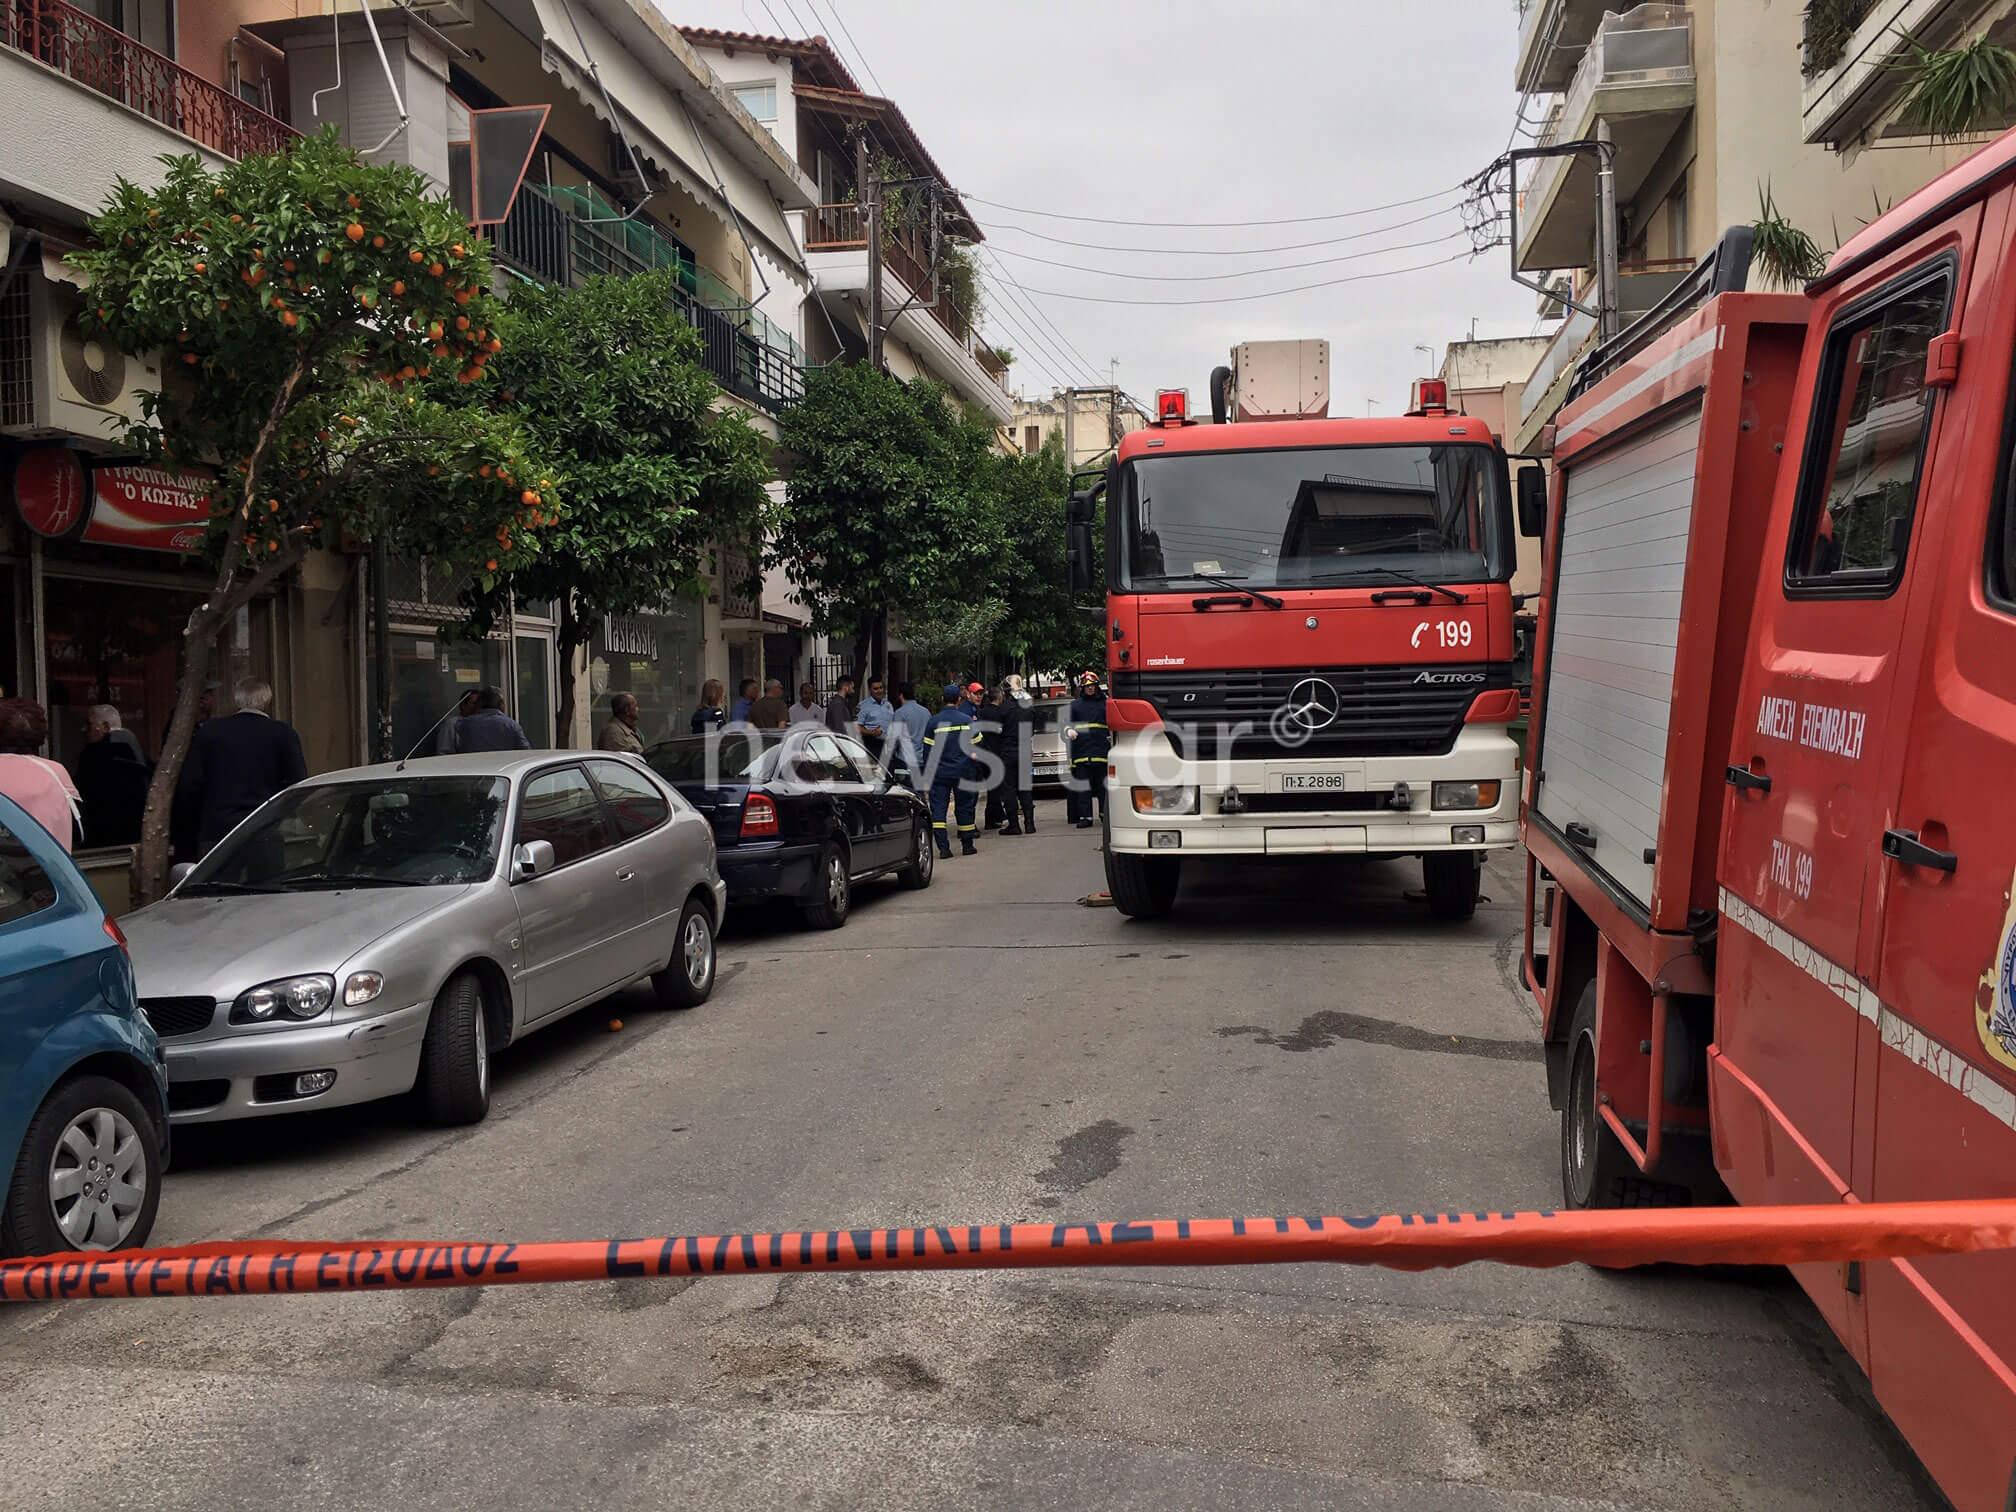 Μαρτυρία σοκ για την αυτοκτονία στην Καλογρέζα: Του πήρε η γυναίκα του τα λεφτά κι έφυγε – Μου είπε «θα κρεμαστώ»